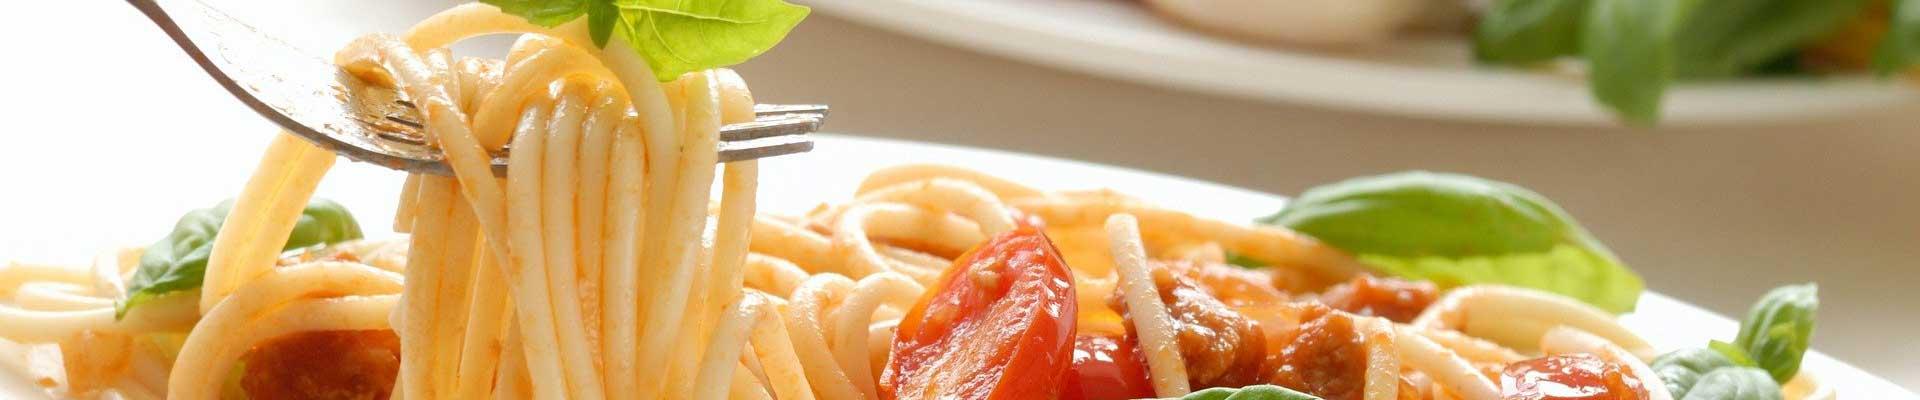 Pasta, Spagetti, Penne, Gnocchis, Tagliatelle